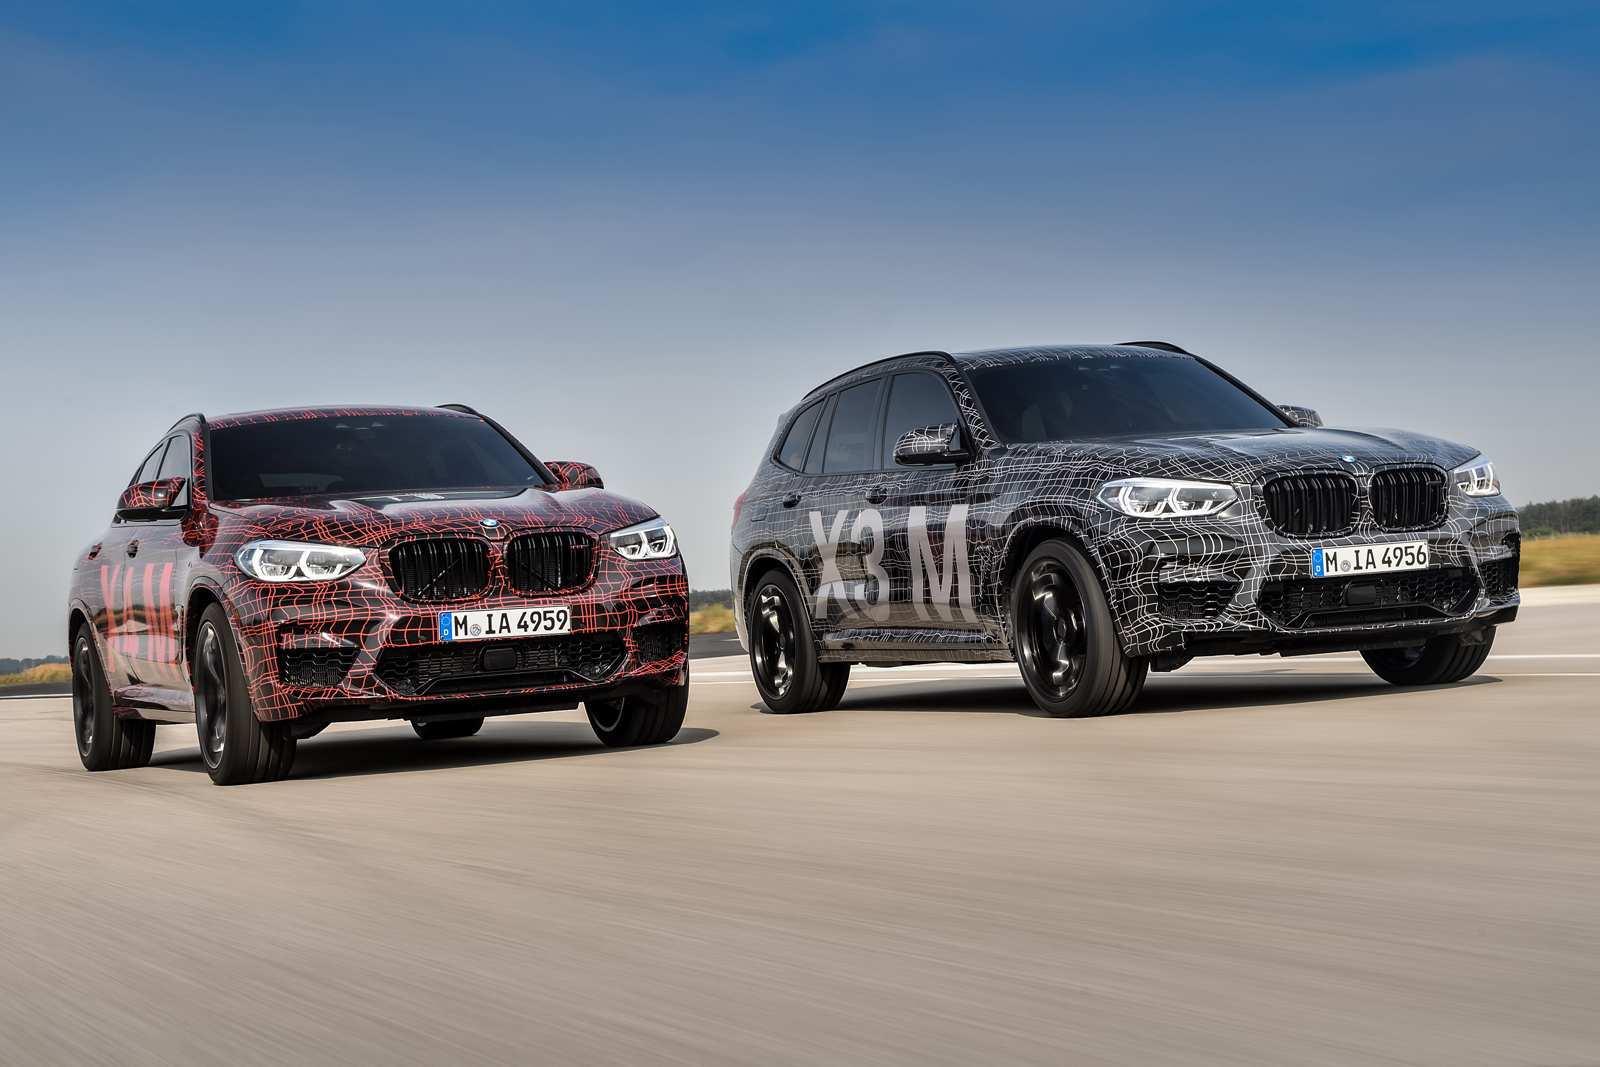 68 Best Review 2020 BMW X4 Performance with 2020 BMW X4